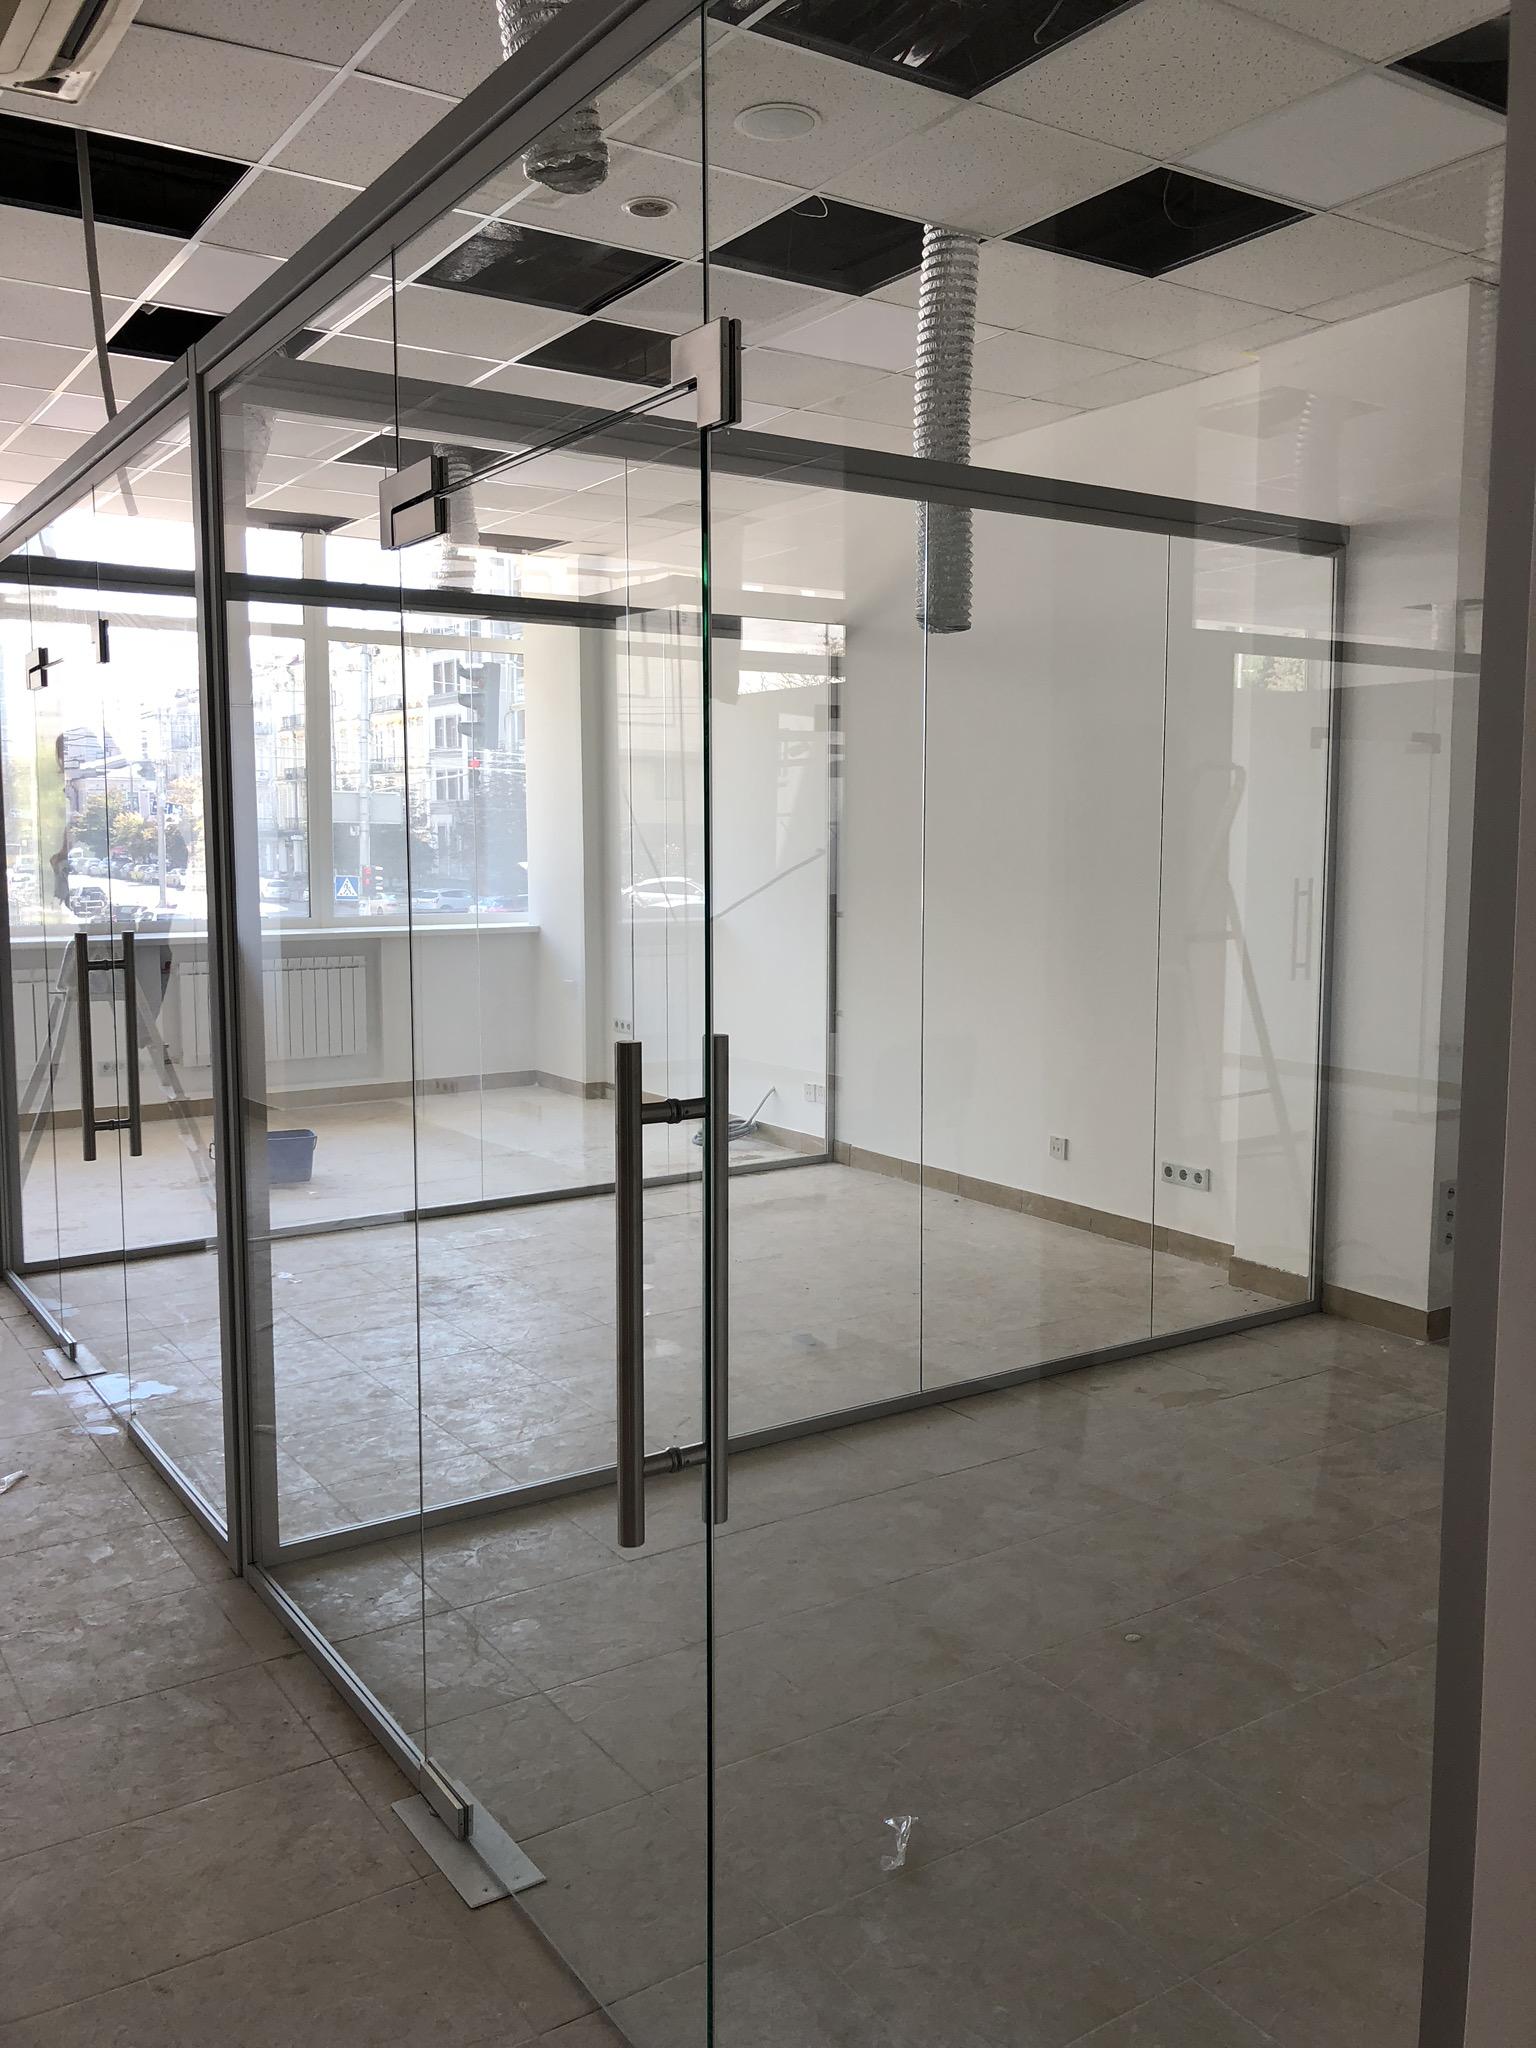 Проектирование изготовление и монтаж стеклянных перегородок